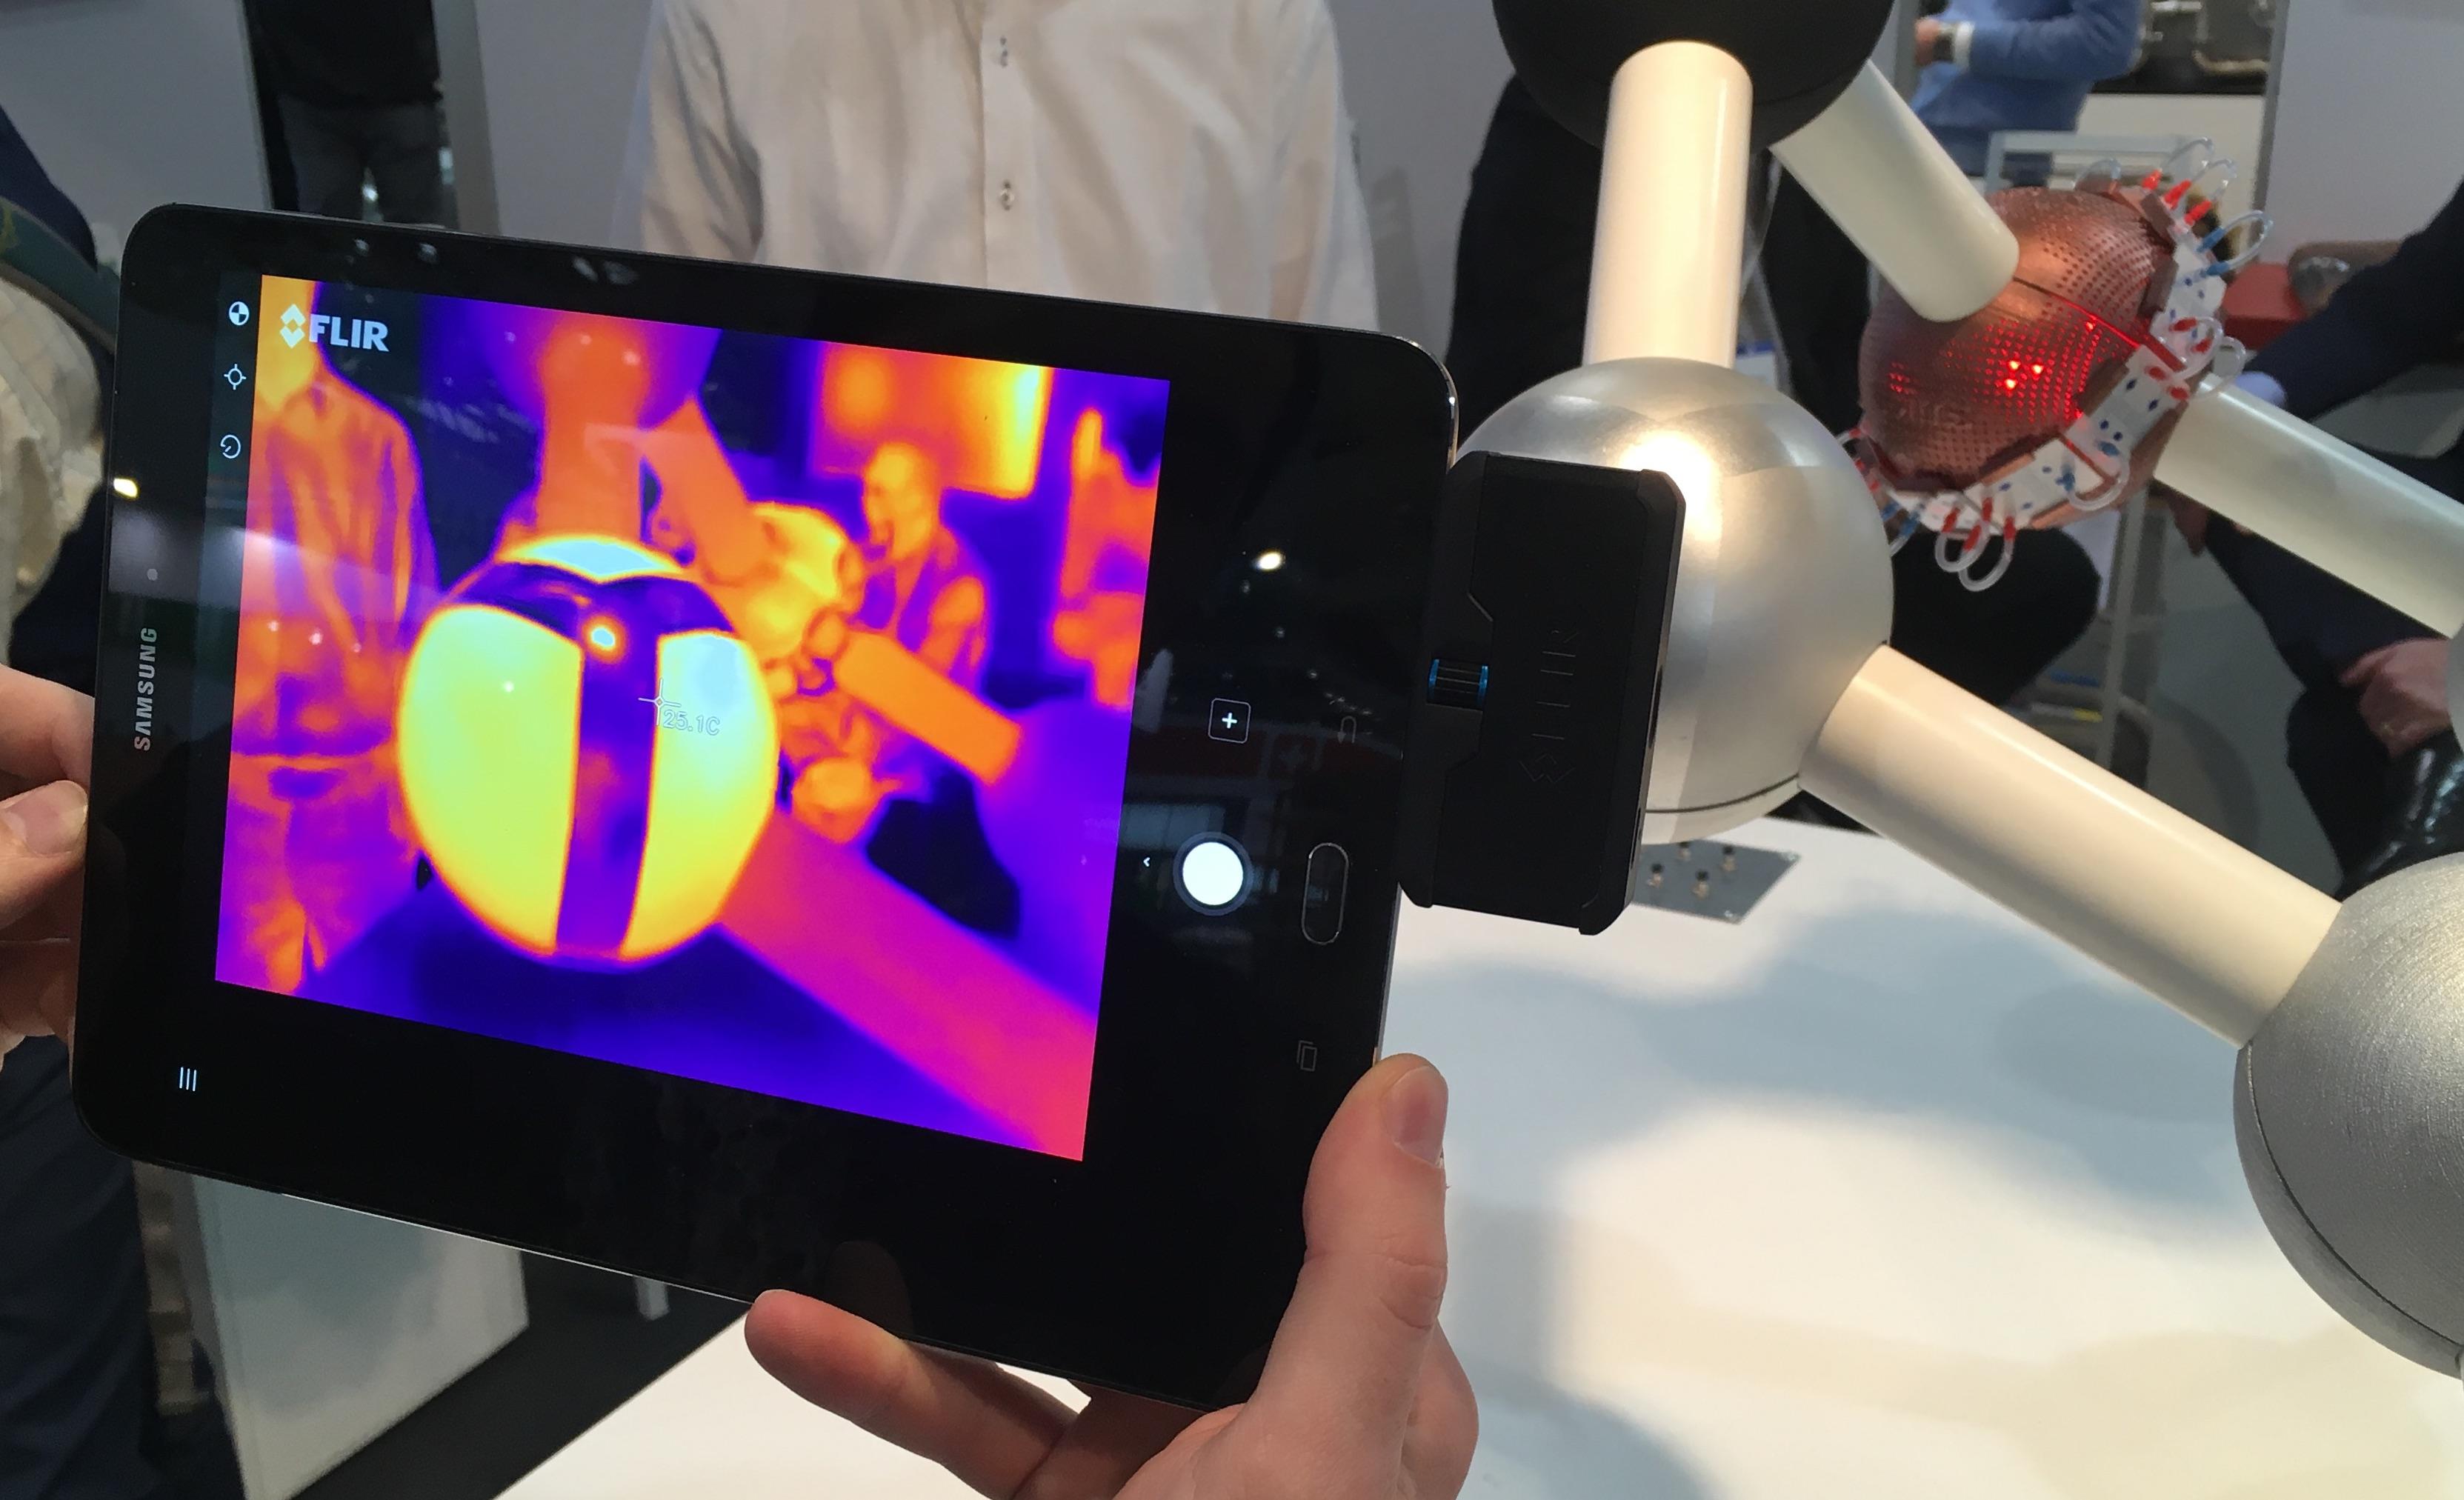 Traitement de surfaces et différences d'émissivité mises en évidence par une caméra IR.